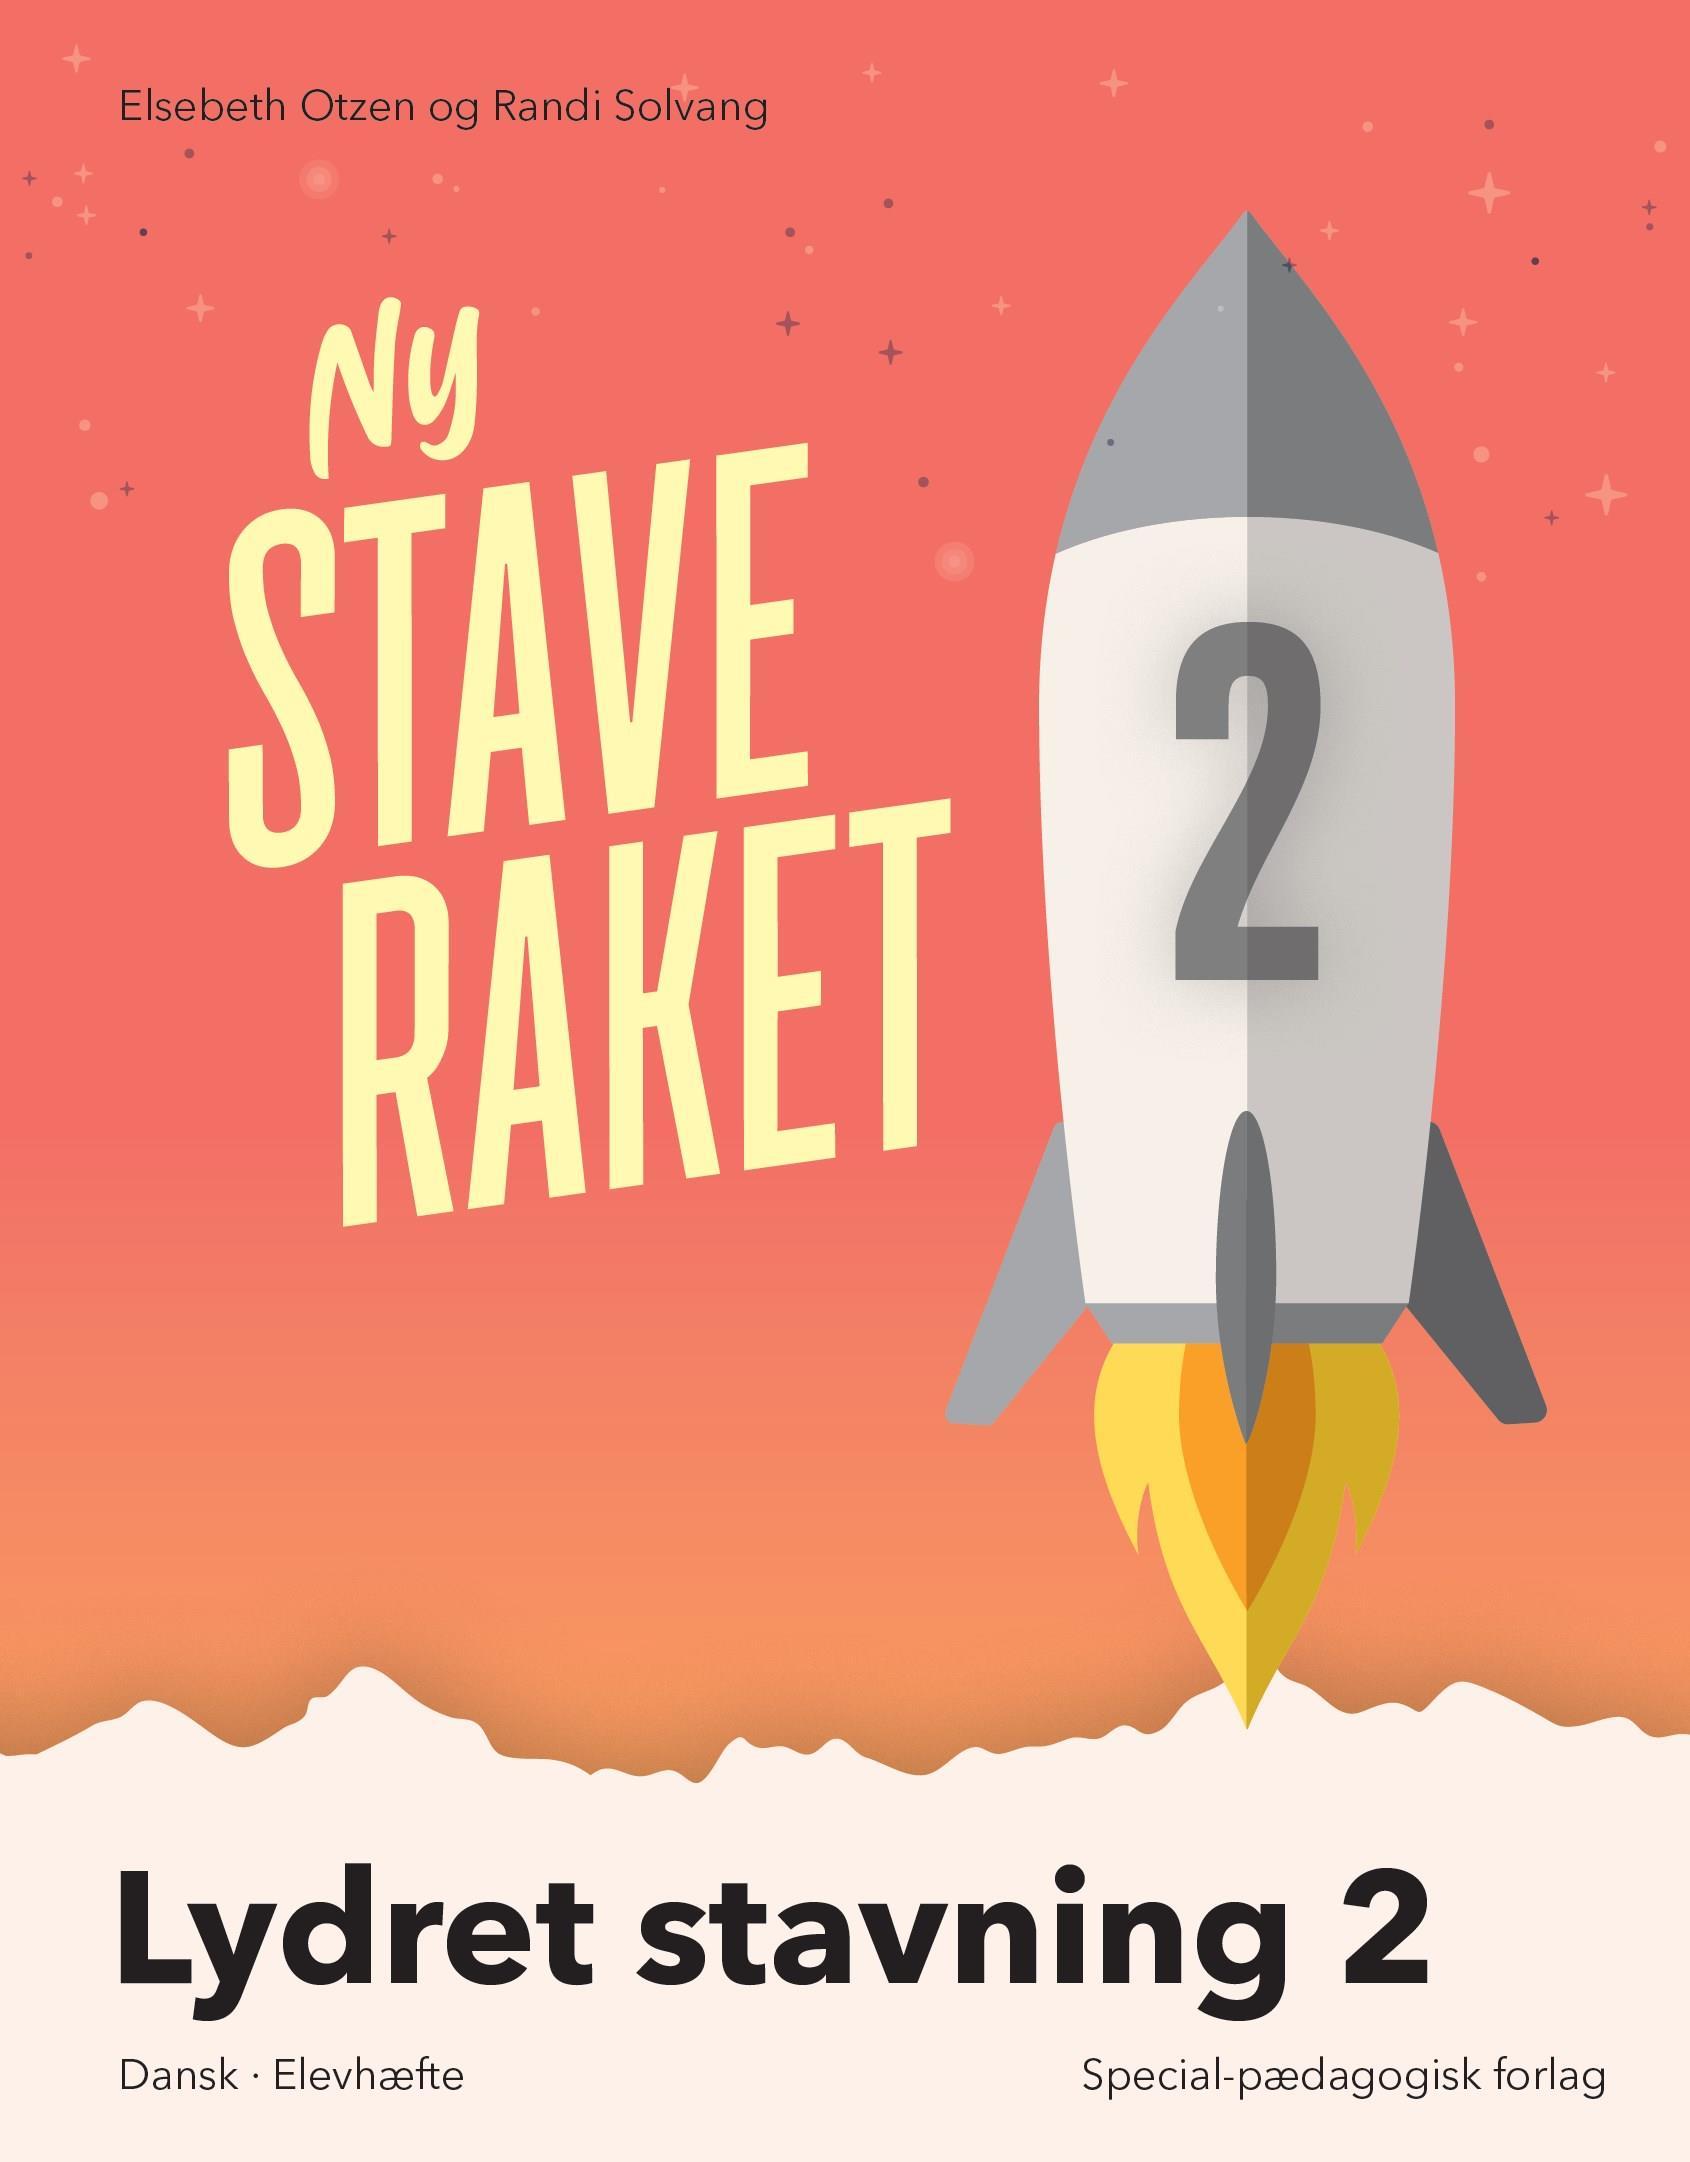 Ny Staveraket: Ny Staveraket, Fase 2, Lydret stavning 2 - Elsebeth Otzen; Randi Solvang - Bøger - Alinea - 9788723540423 - August 19, 2019